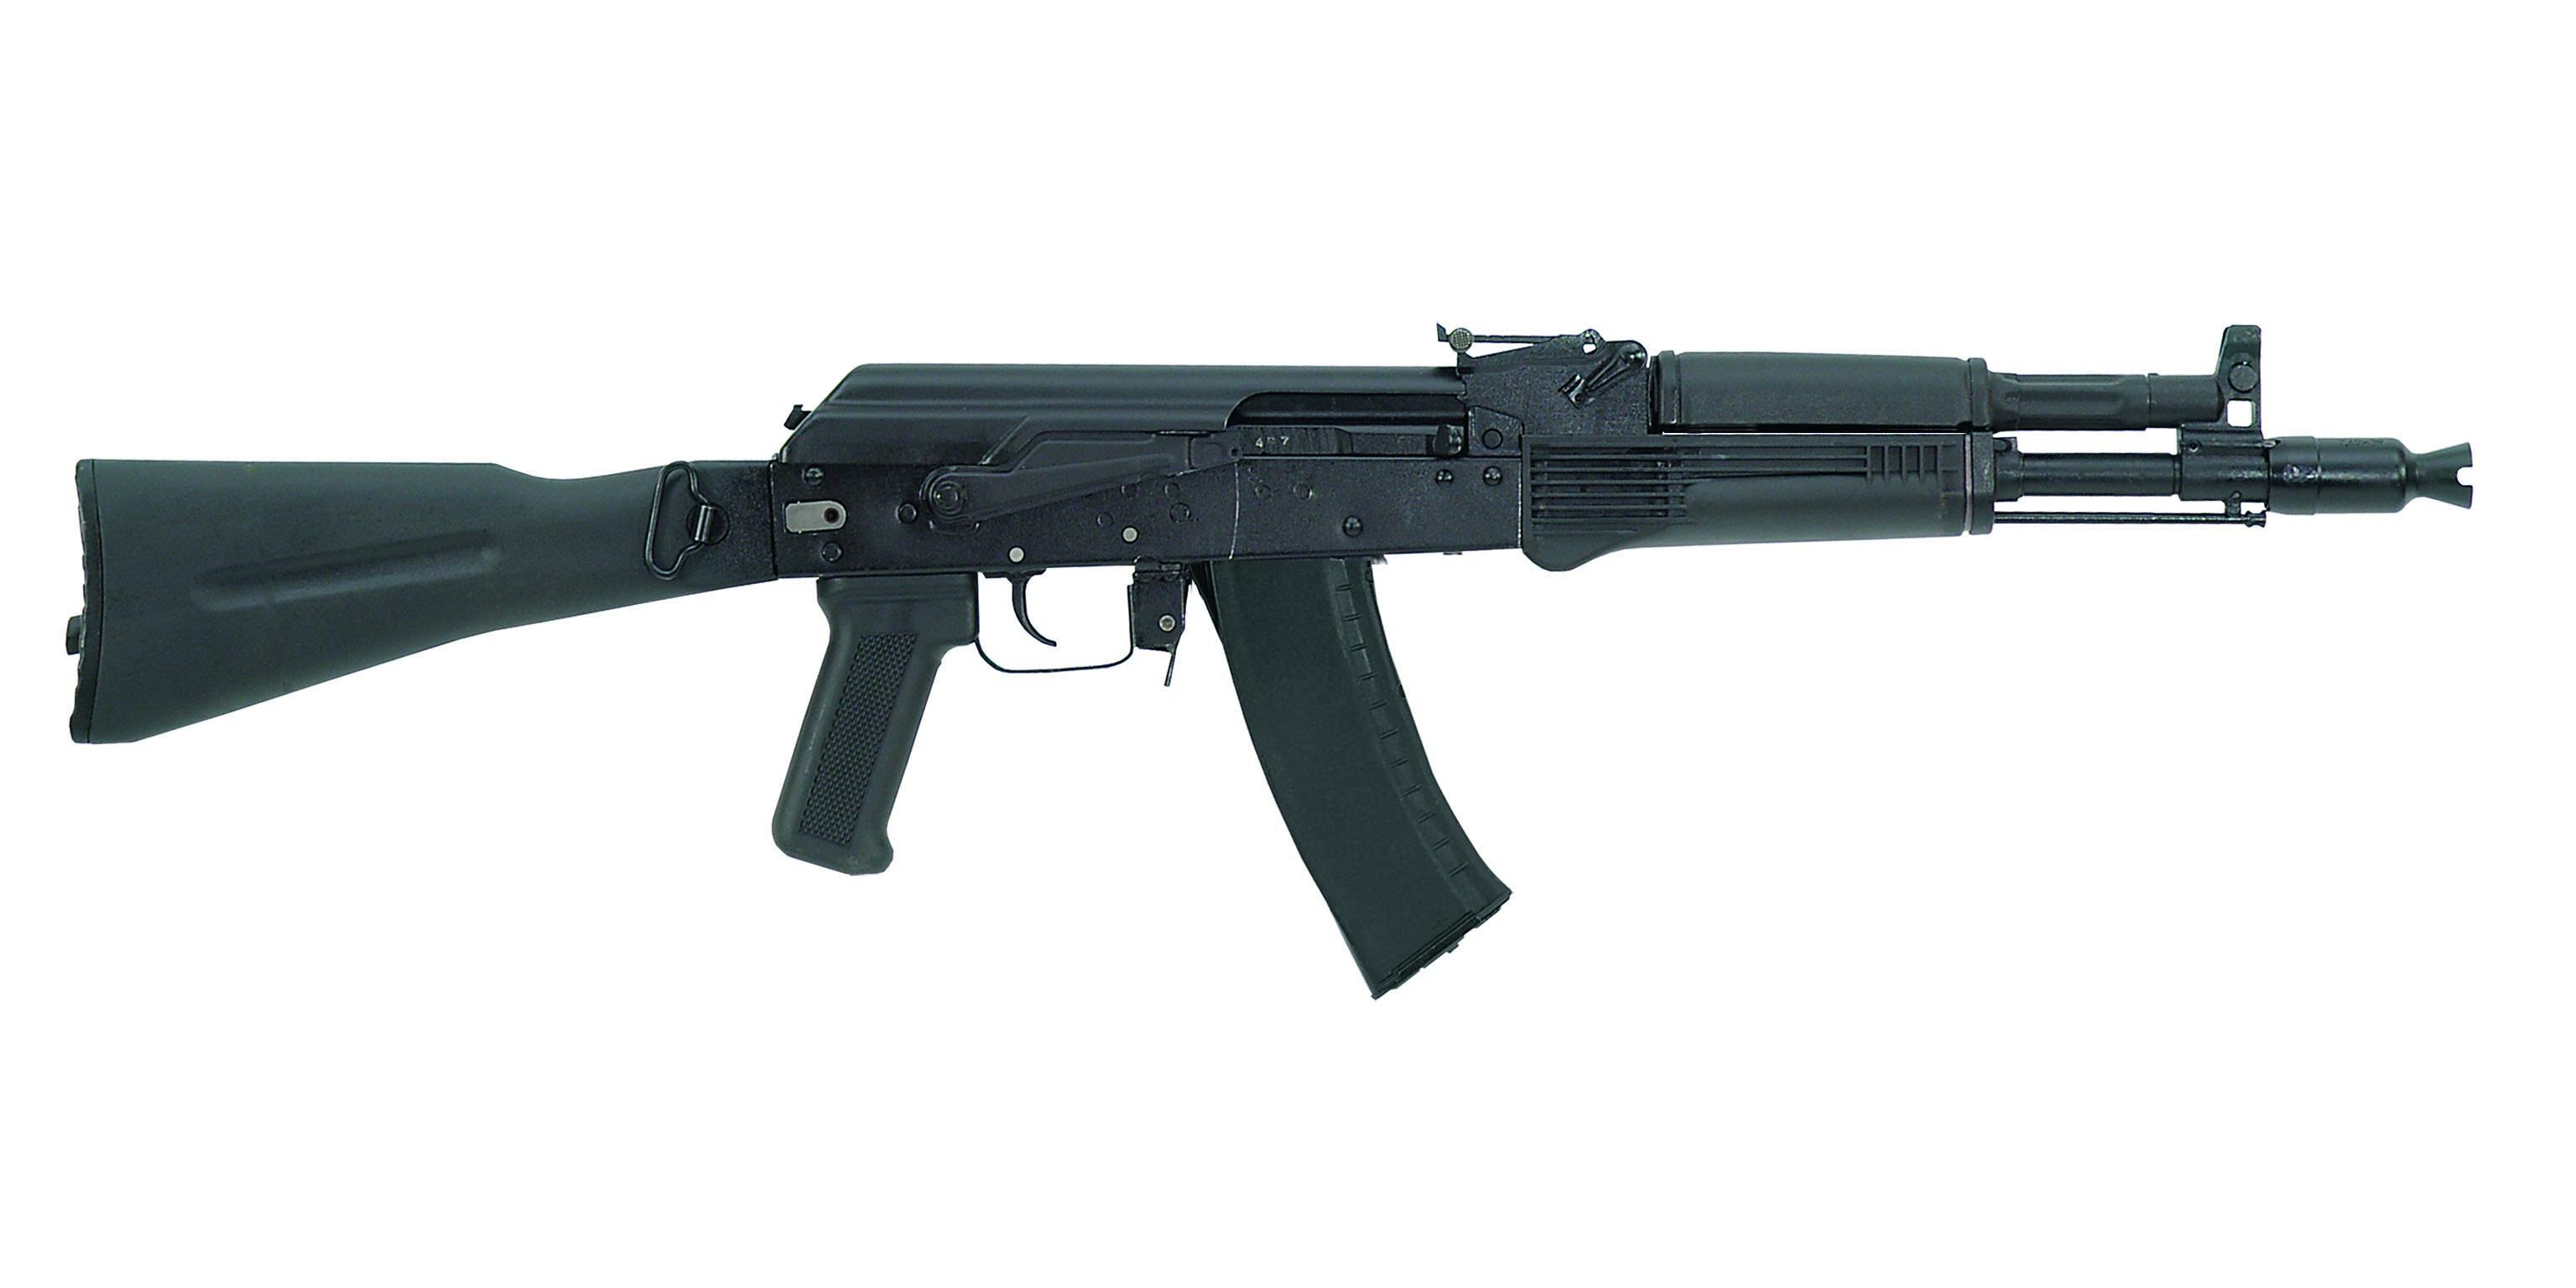 IZHMASH SAIGA MKK 105